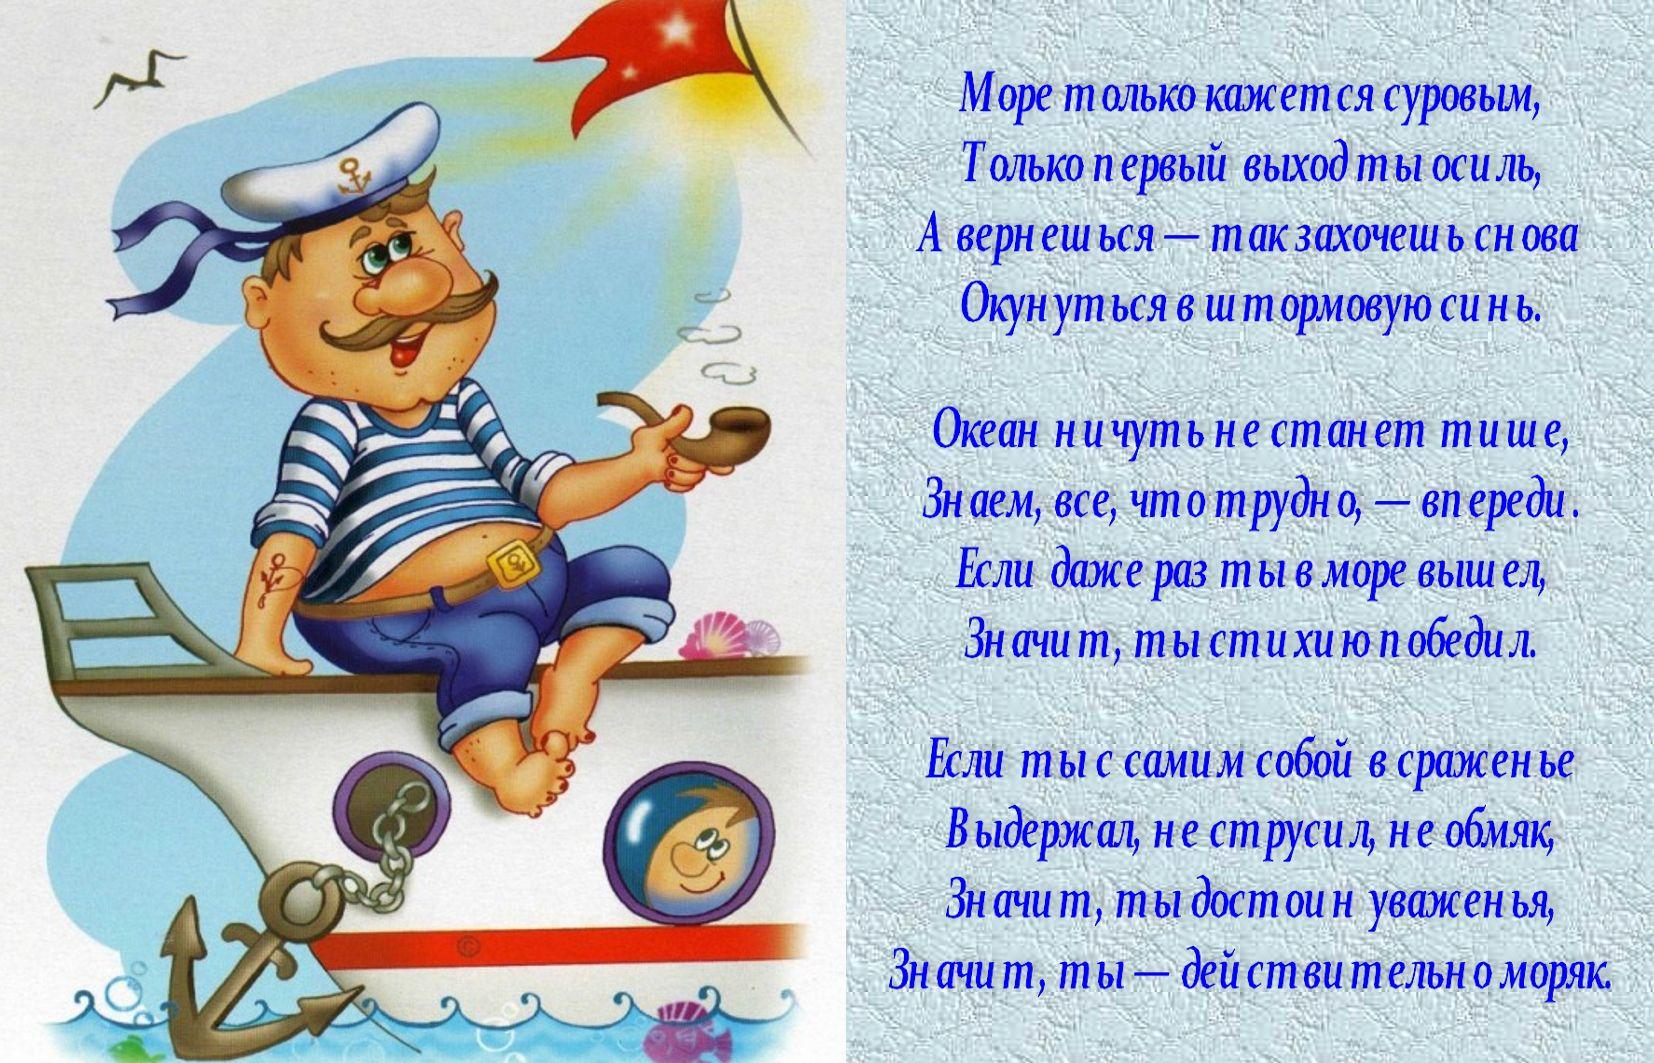 Открытка на День ВМФ - забавный моряк и стихотворение